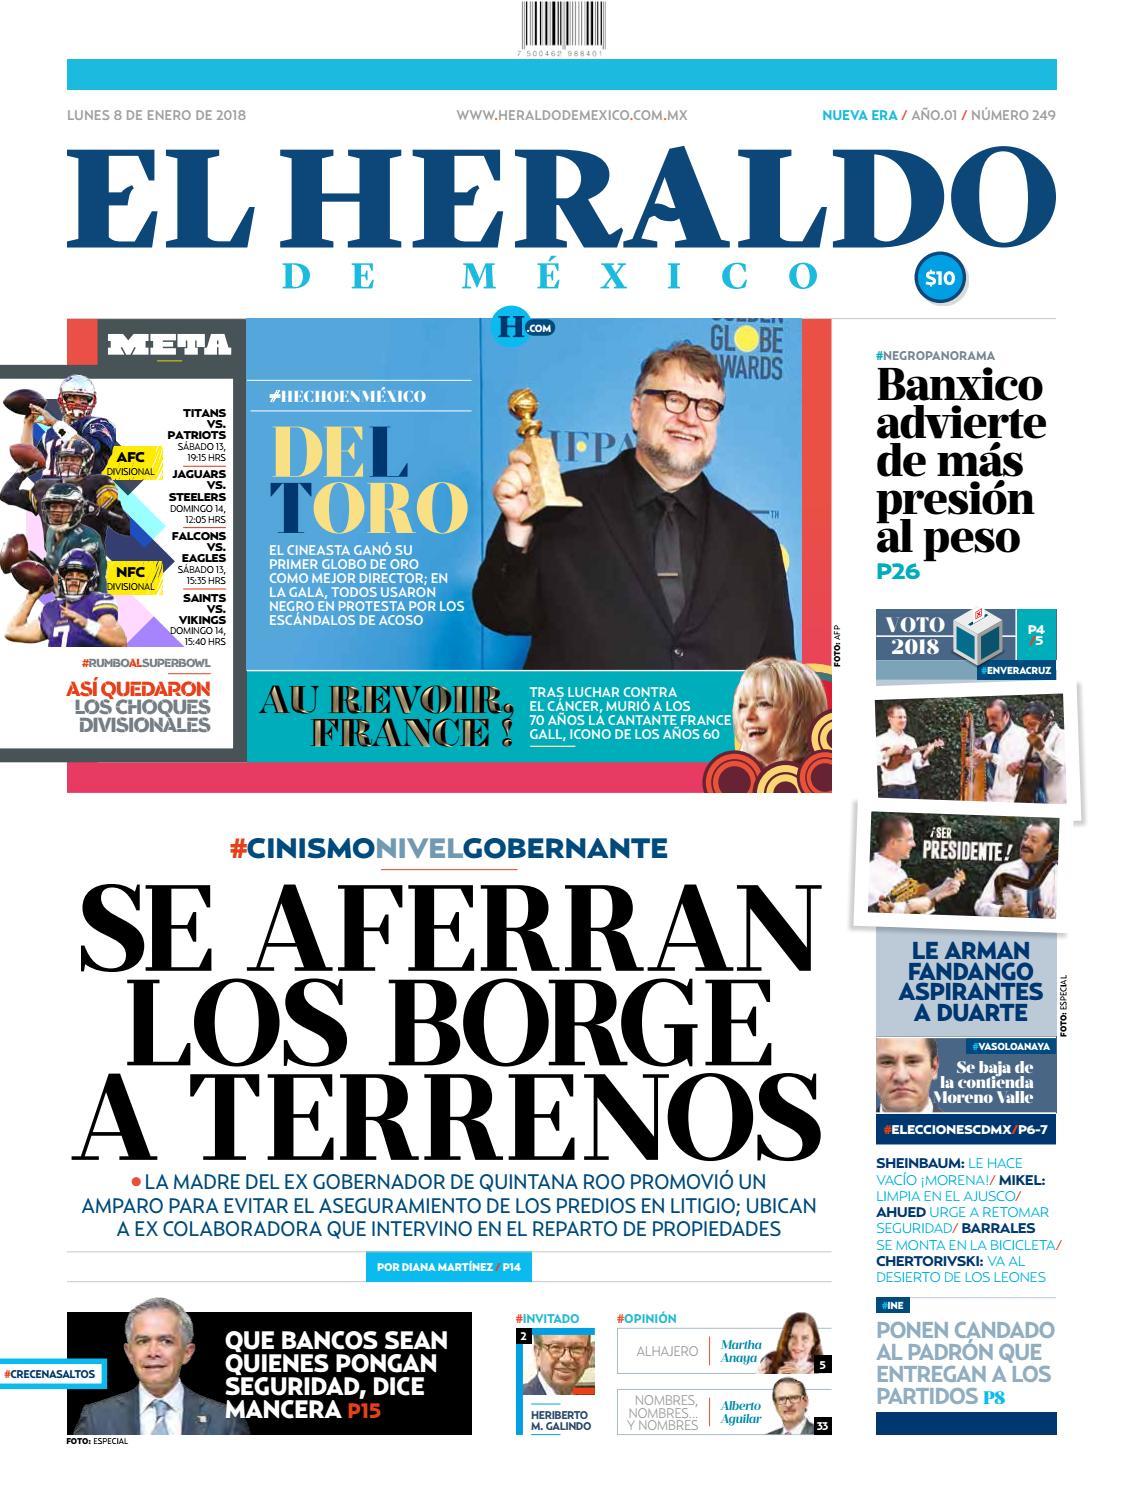 c90f8c7ce0945 El Heraldo de México 08 de enero del 2018 by El Heraldo de México - issuu